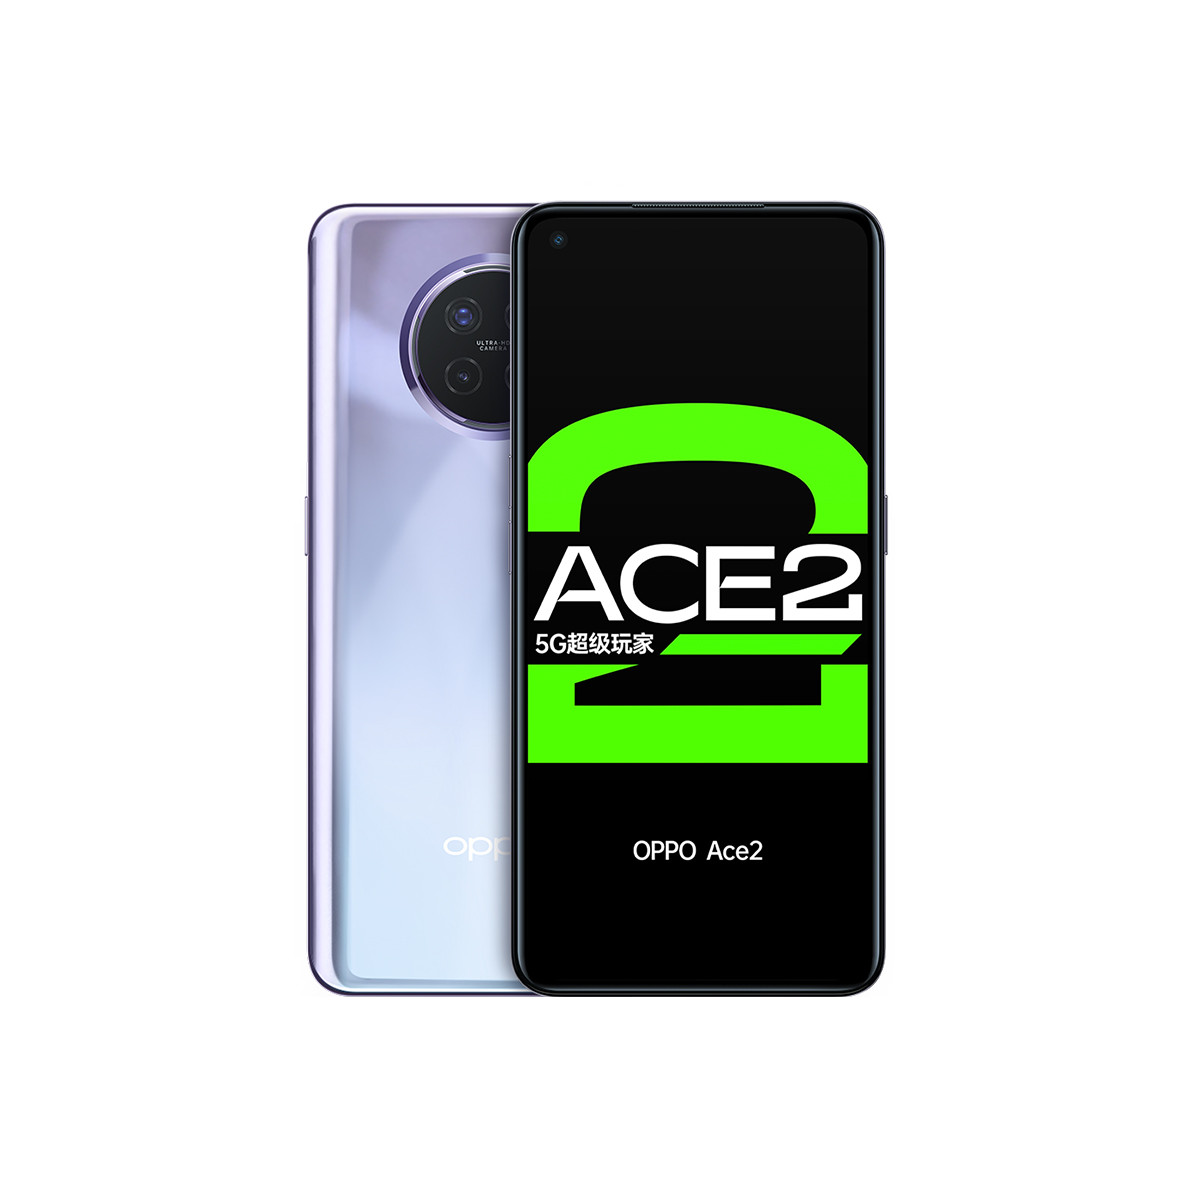 OPPOOPPO Ace2 无线耳机套餐全网通5G无线闪充游戏智能手机Ace2梦幻紫128G